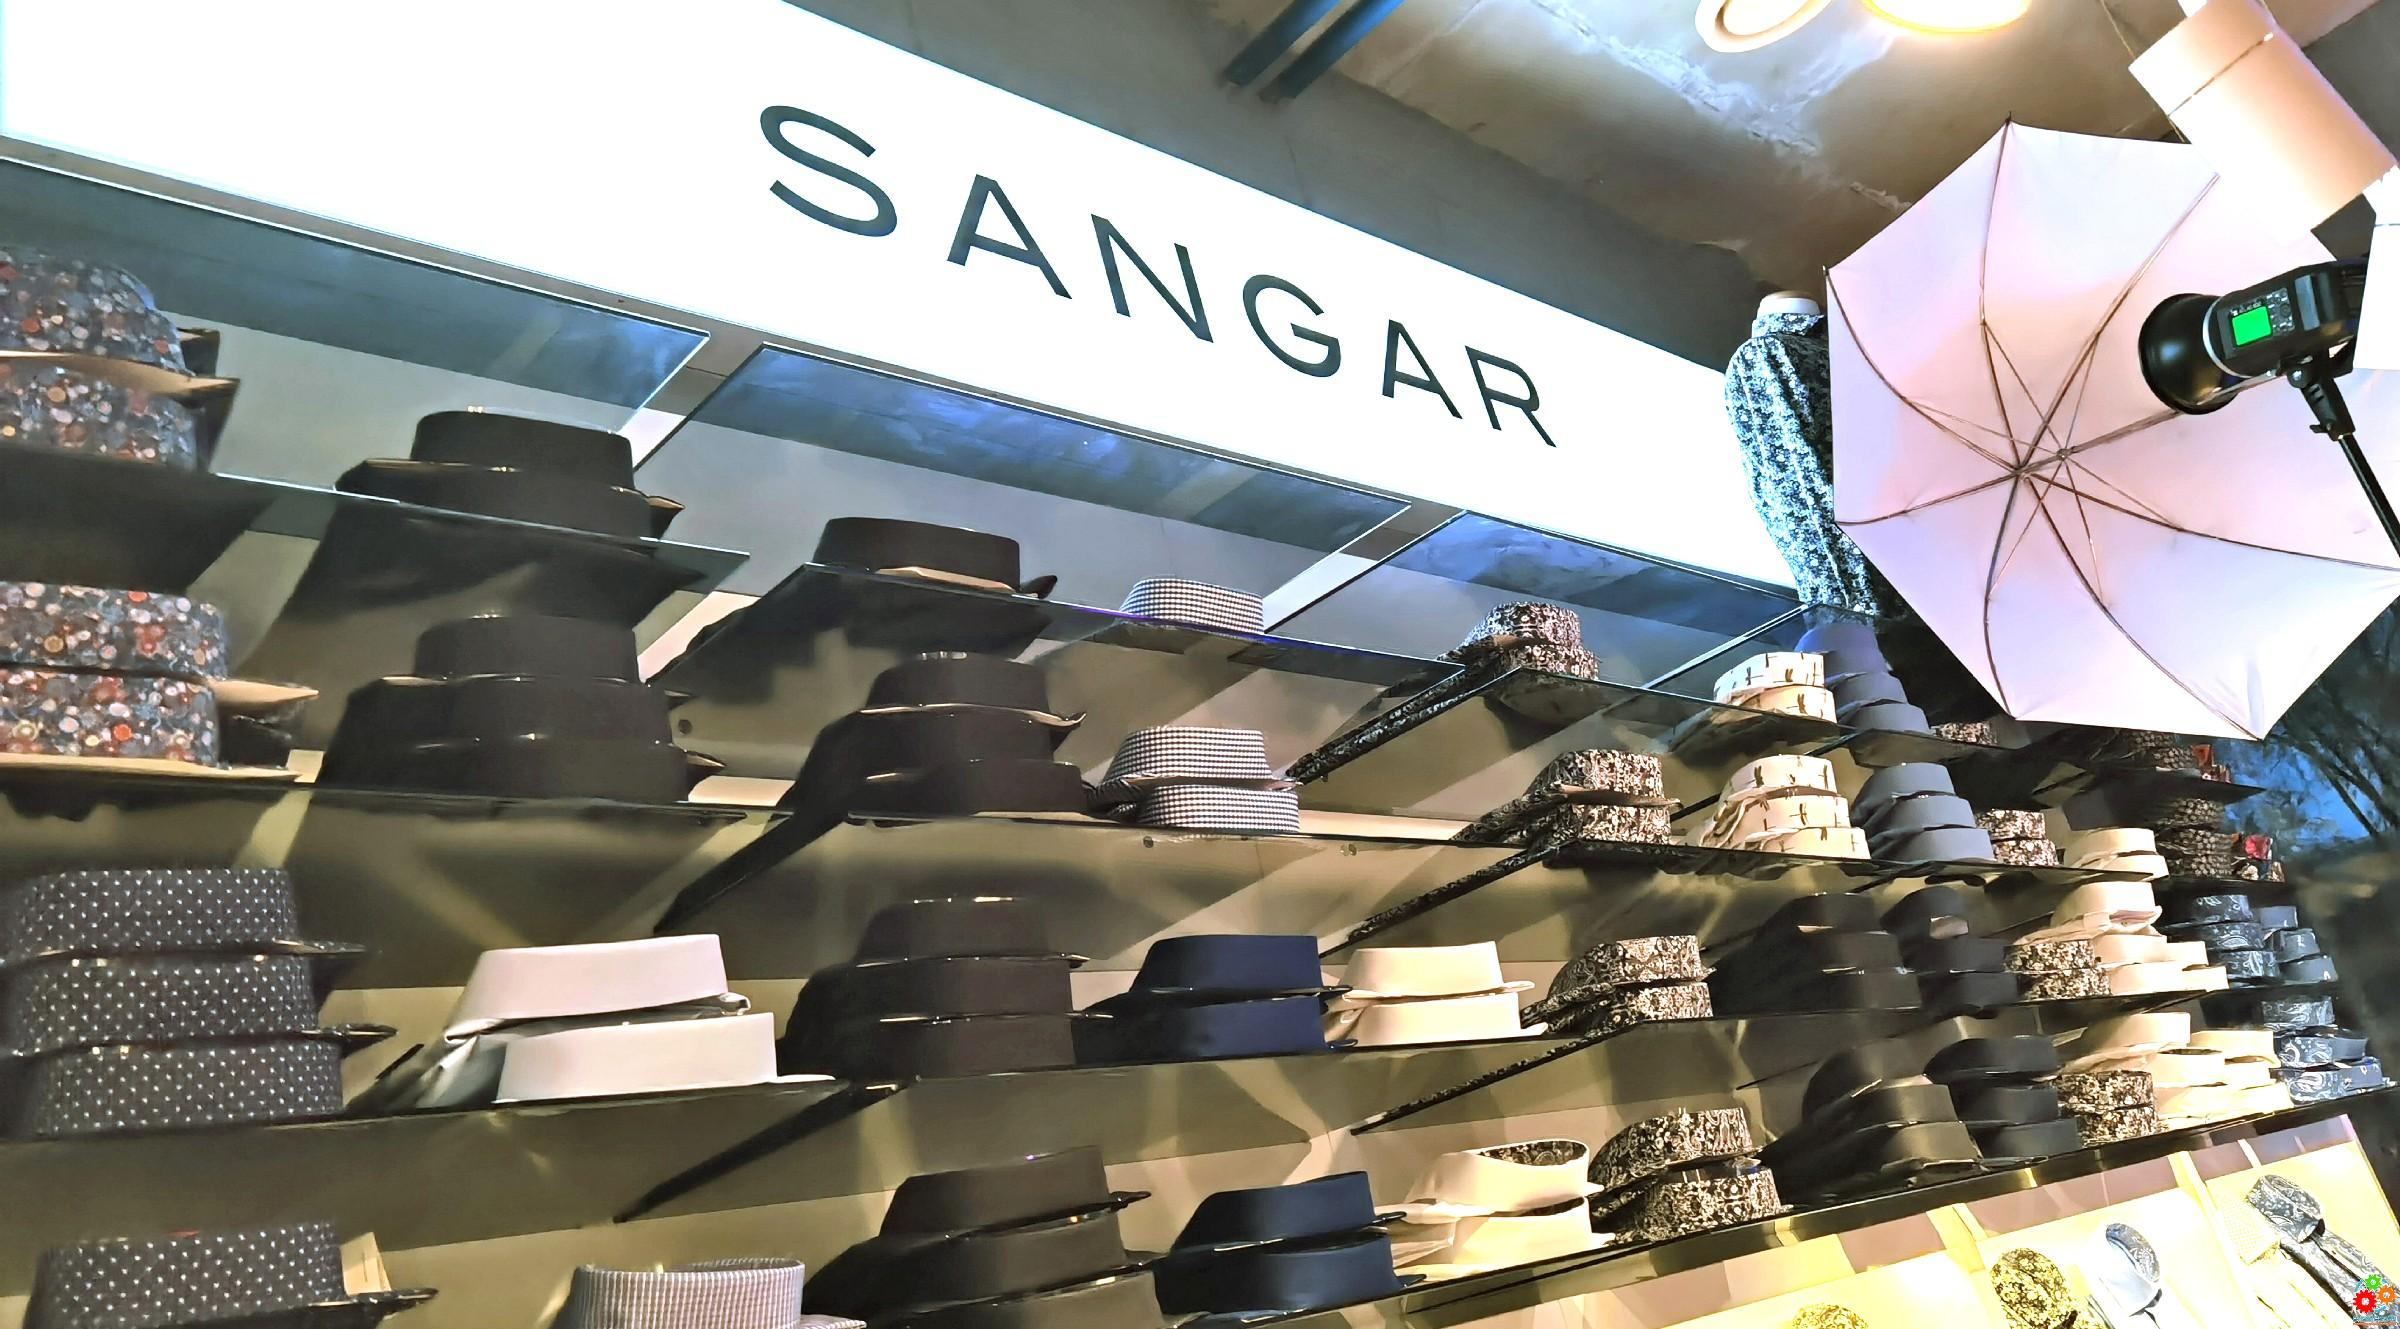 Sangar: в мужской моде на смену строгому стилю пришла качественная комфортная одежда